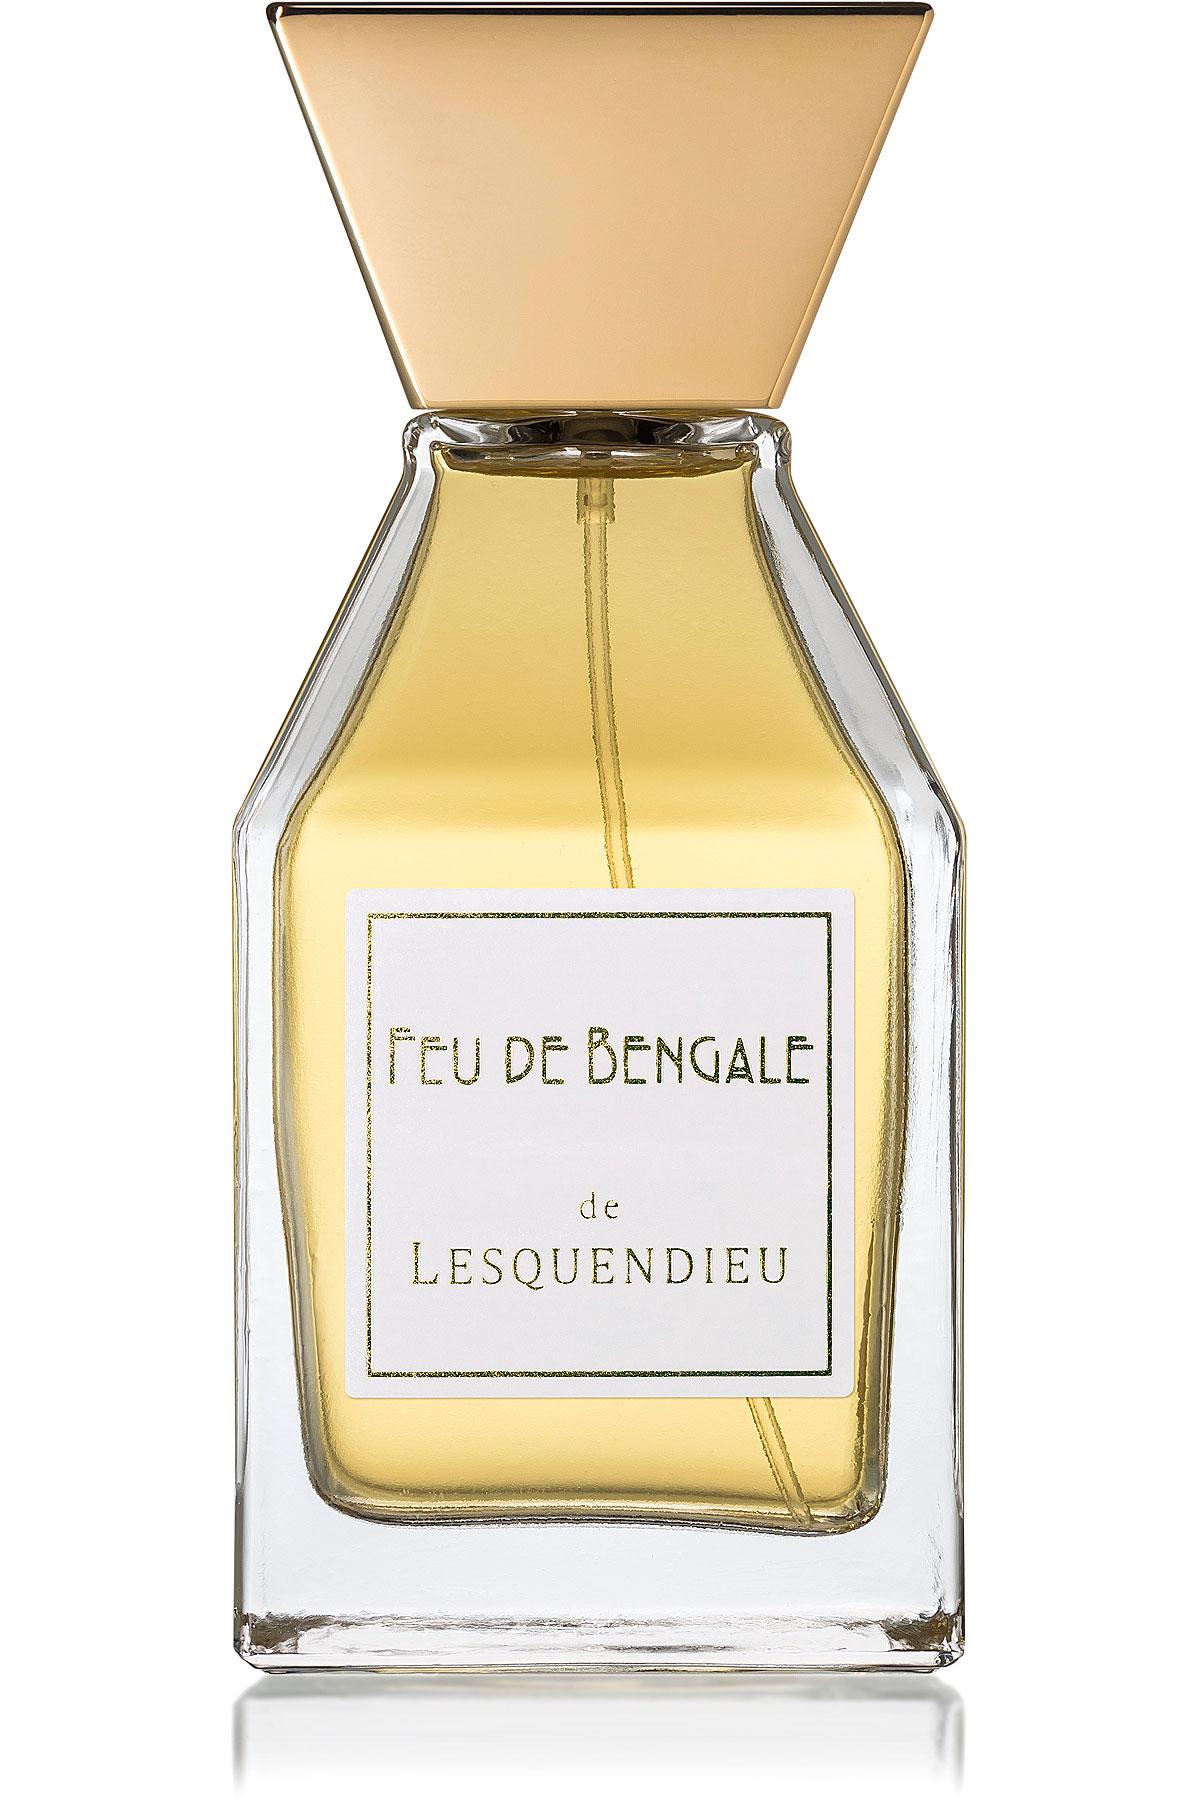 Lesquendieu Fragrances for Men, Feu De Bengale - Eau De Parfum - 75 Ml, 2019, 75 ml